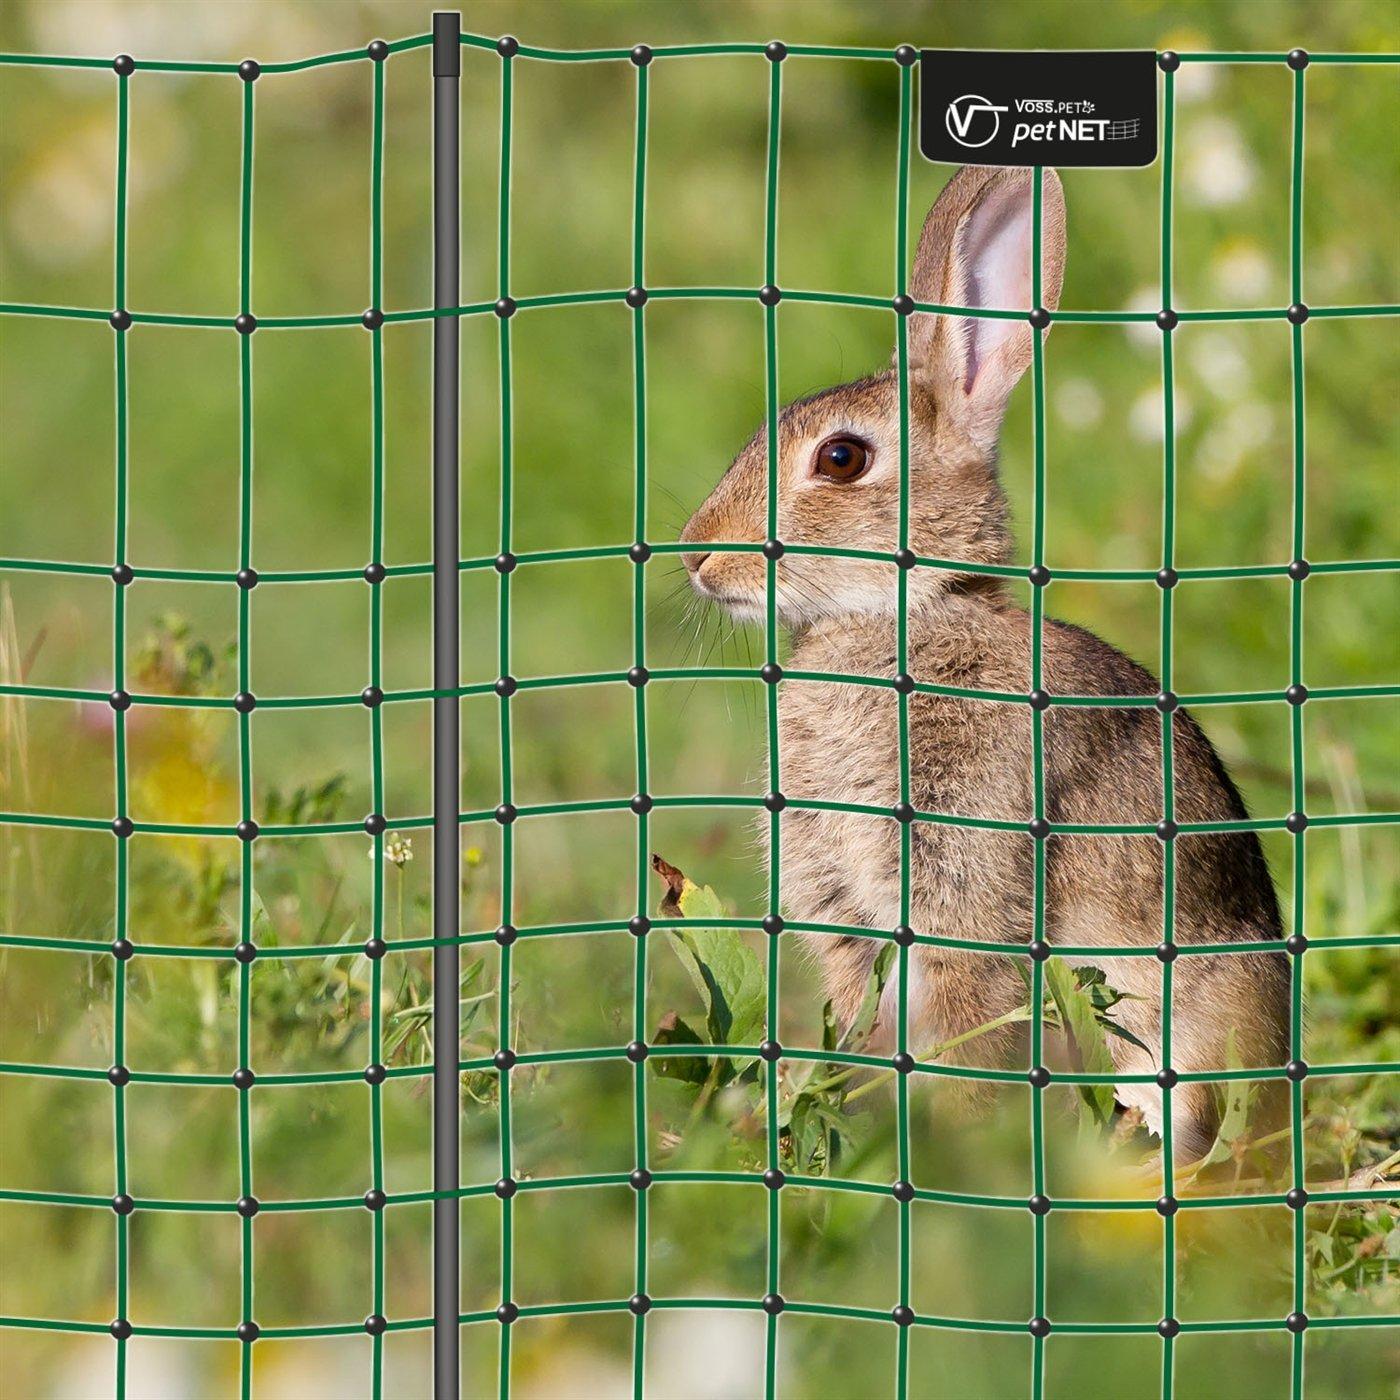 VOSS.PET Filet é lectrifiable Compact petNET pour enclos Lapins/liè vres, Petits Animaux, Longueur 12 m, Hauteur 65 cm, 9 piquets, 1 Pointe, Coloris Vert